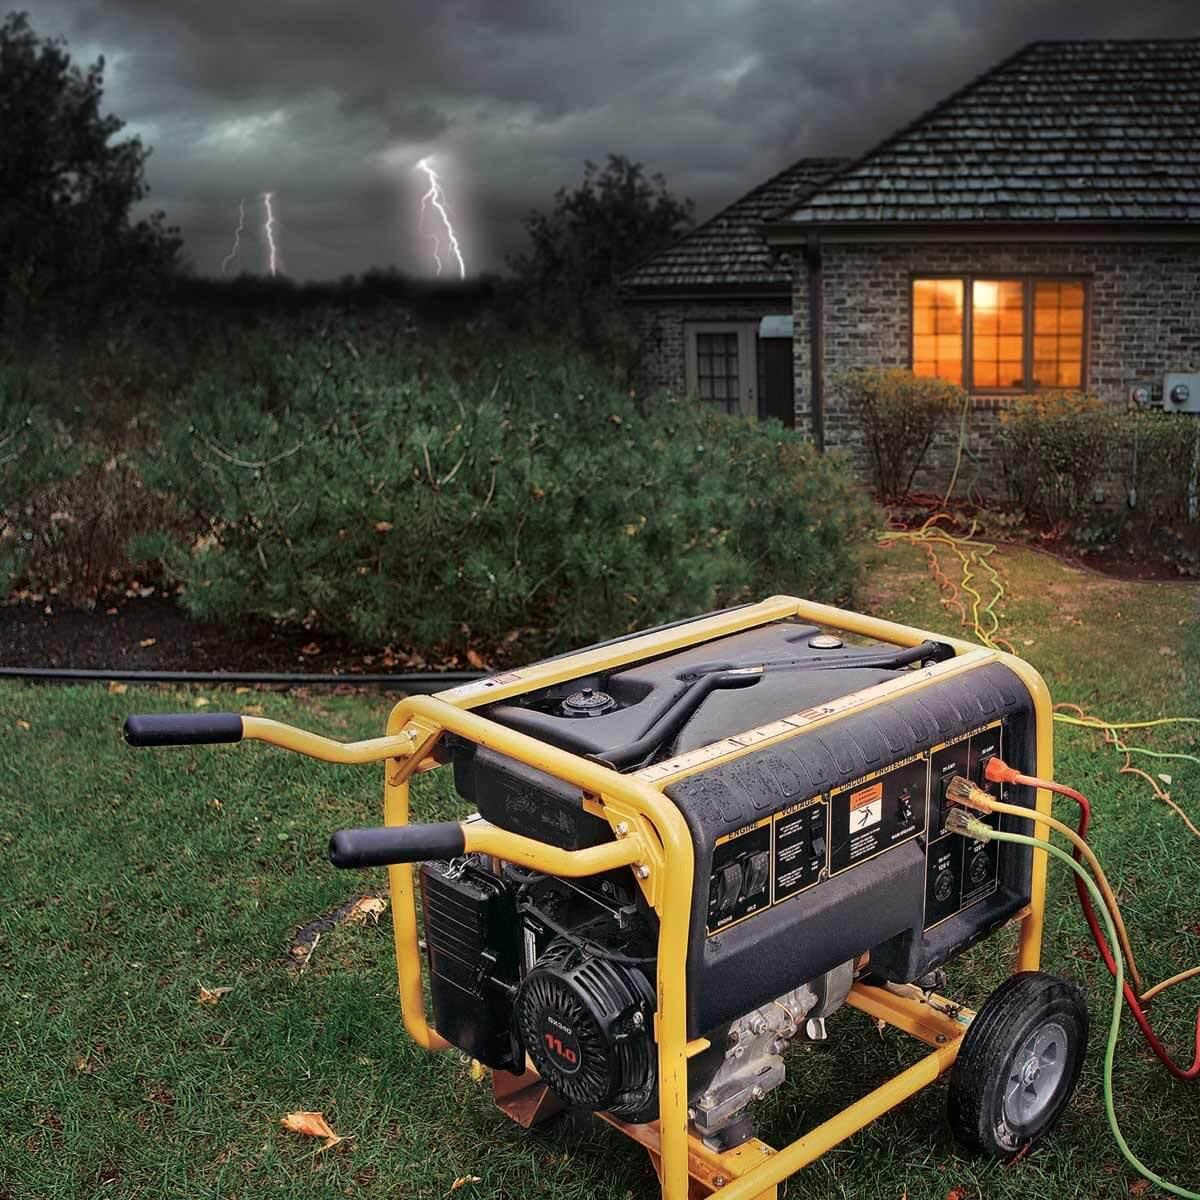 Nguyên lý khi hoạt động của máy phát điện